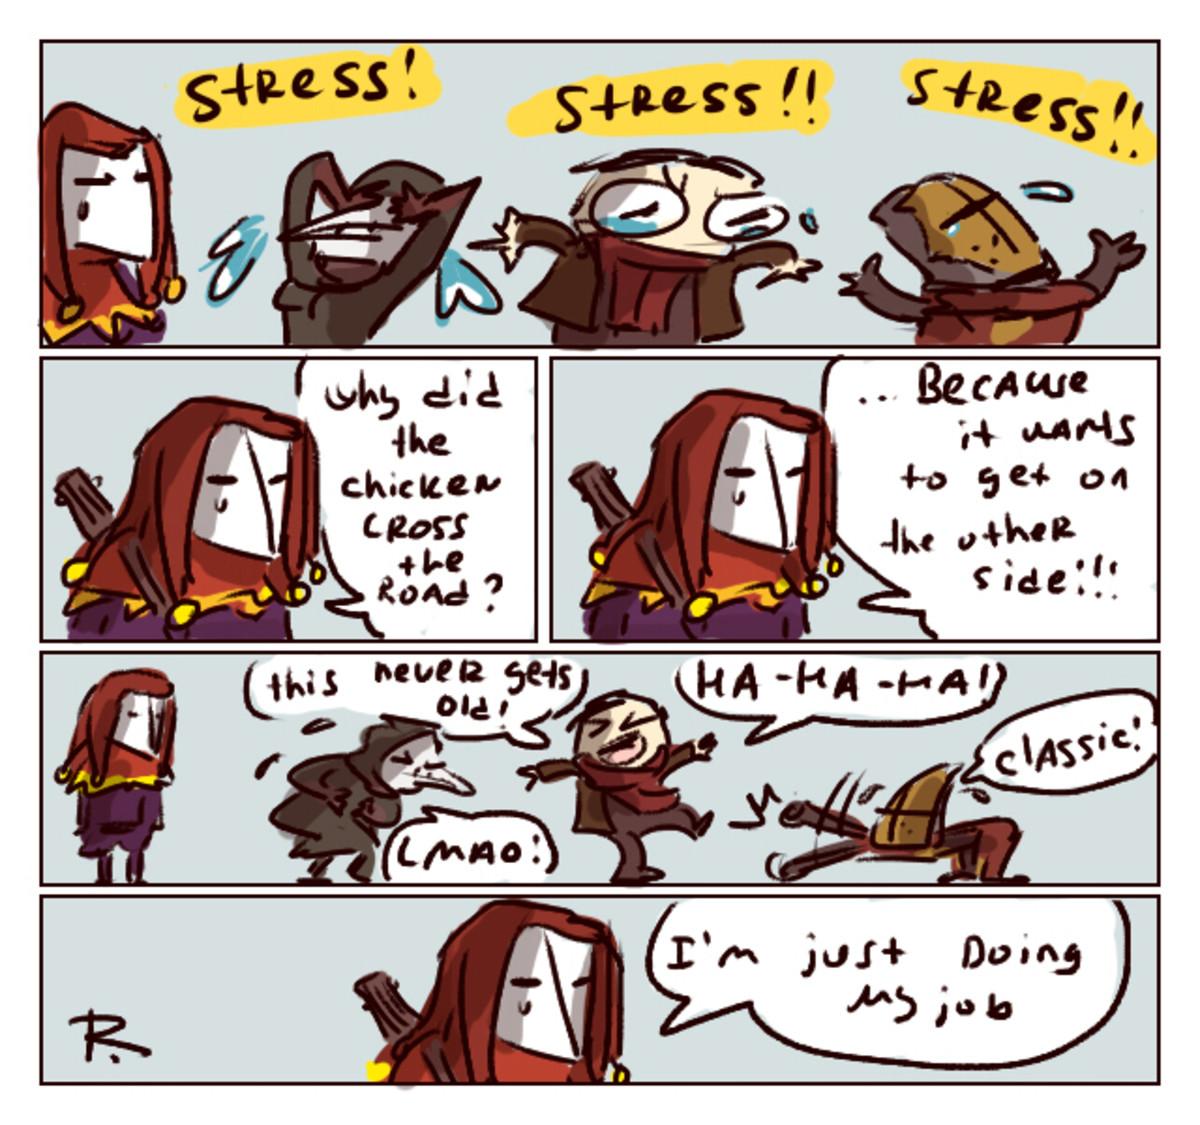 A good joke. inspiring tune A comic by Ayej: ayej.deviantart.com/art/Darkest-Dunge..... join list: DarkestDungeonMention History i love jester btw darkest Dungeon Jester comic plague doctor best Girl crusader Highwayman joke videogame